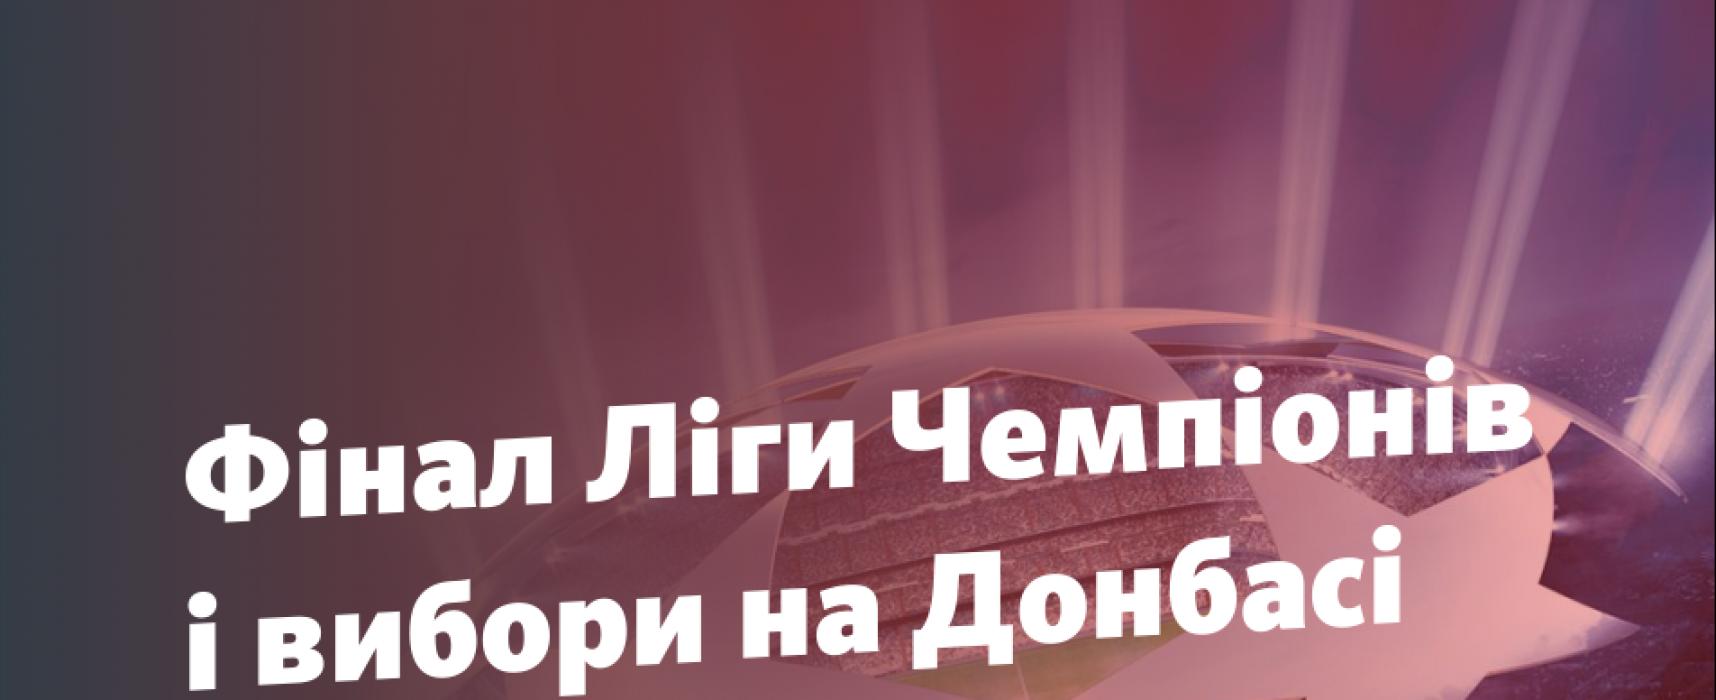 """""""Фінал Ліги Чемпіонів і вибори на Донбасі""""- StopFake.org"""